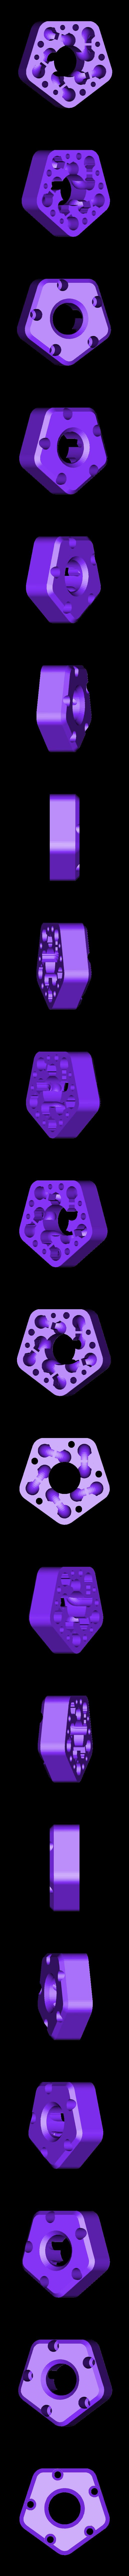 Corpse5_1.stl Télécharger fichier STL gratuit Roulement linéaire à recirculation de billes de 10 mm (5 rangées) • Objet pour impression 3D, SiberK